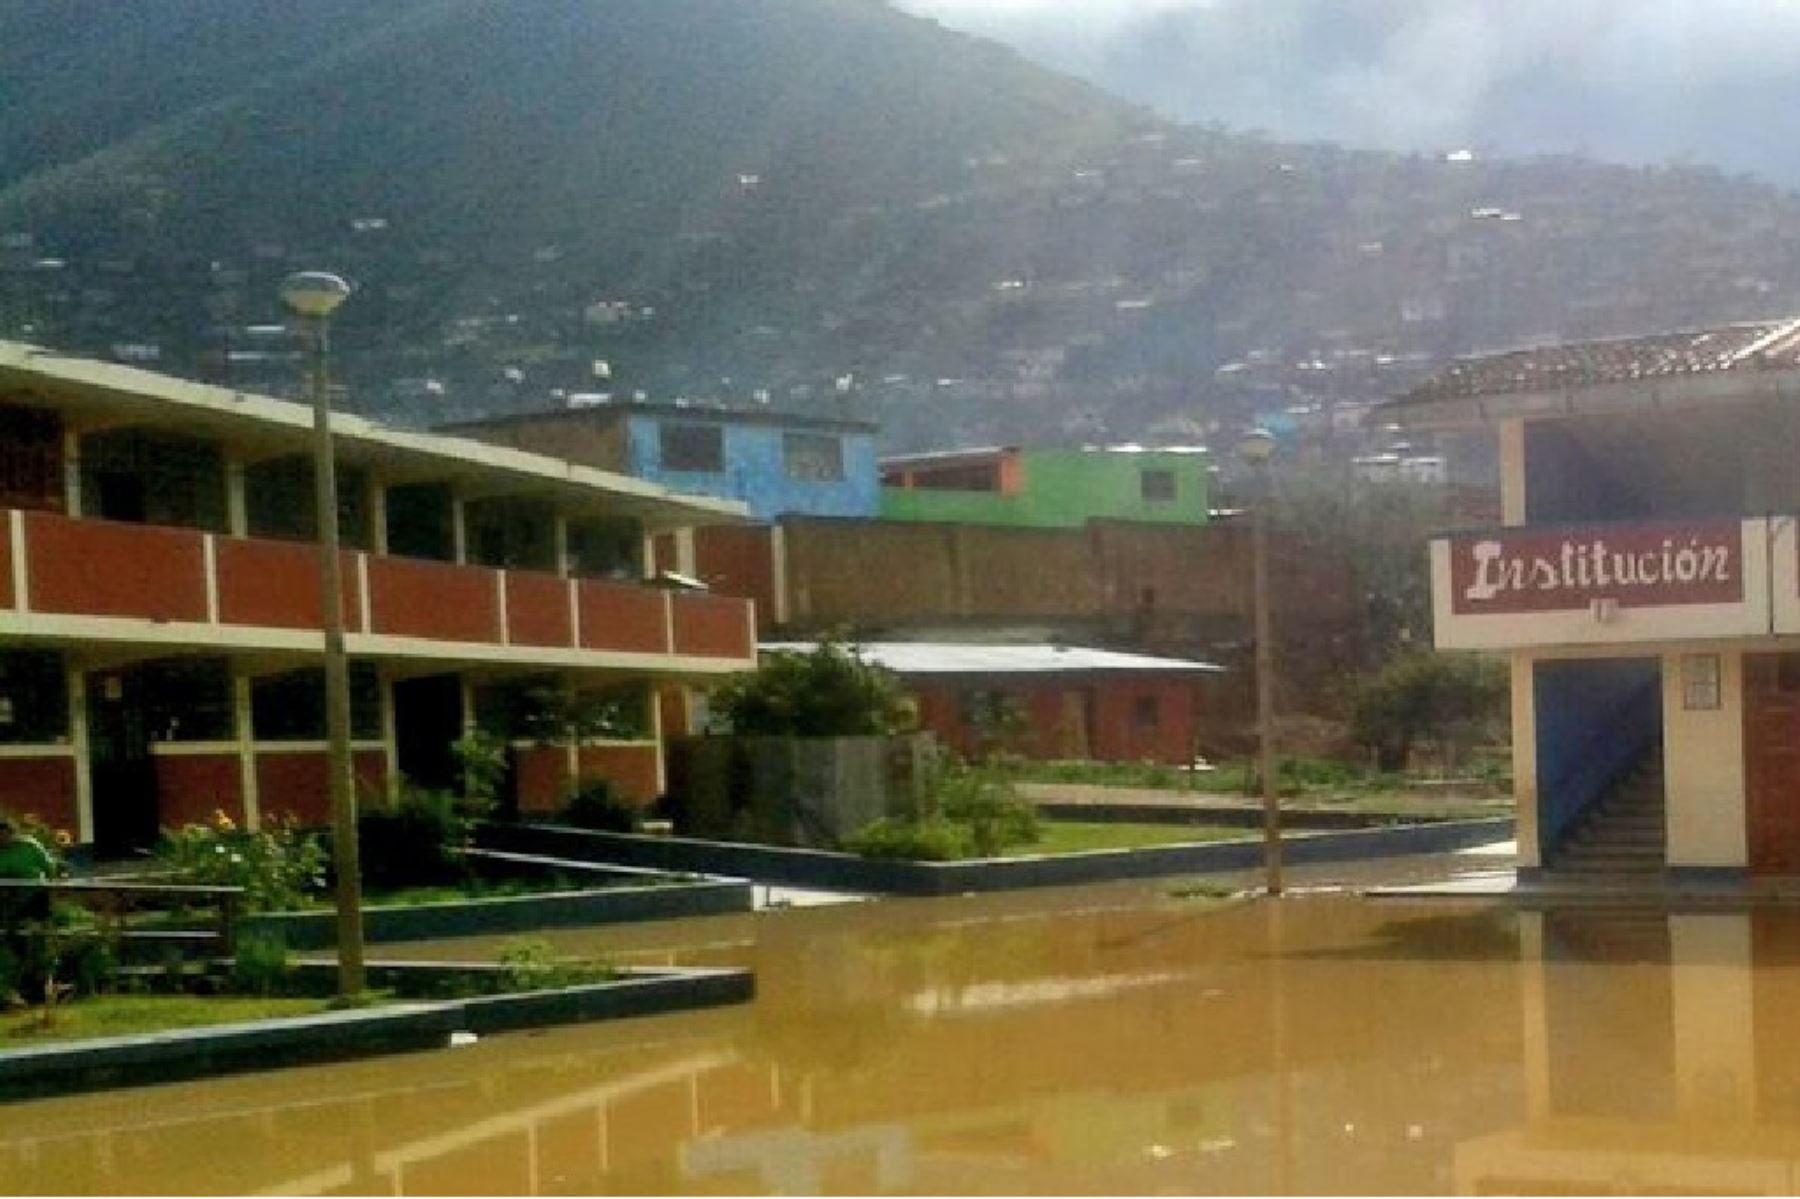 Habilitaron aulas del Colegio Rómulo Soto del sector uno San Luis del distrito de Amarilis, que quedó inundado.